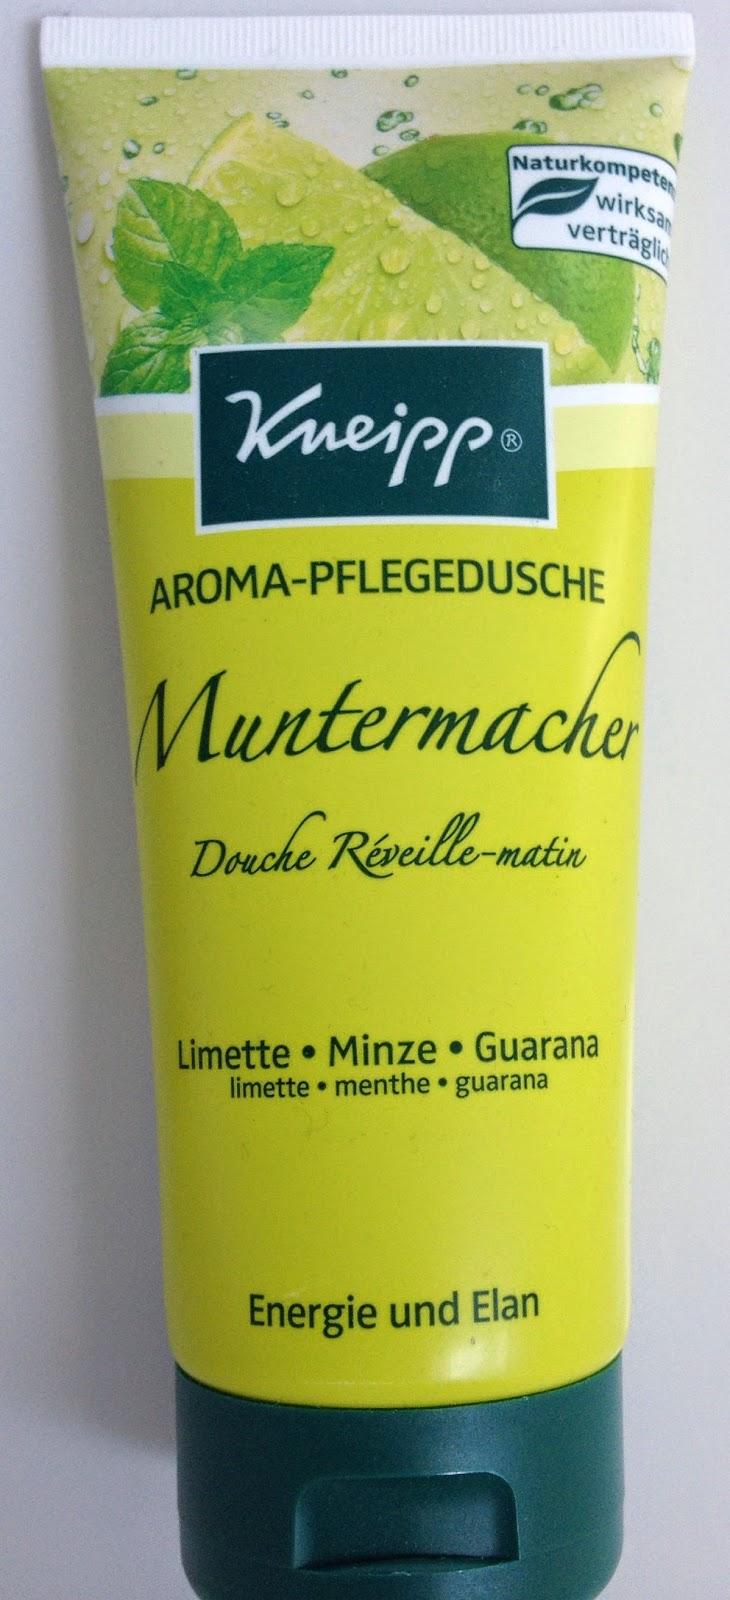 Limette; Minze; Guarana; Energie und Elan